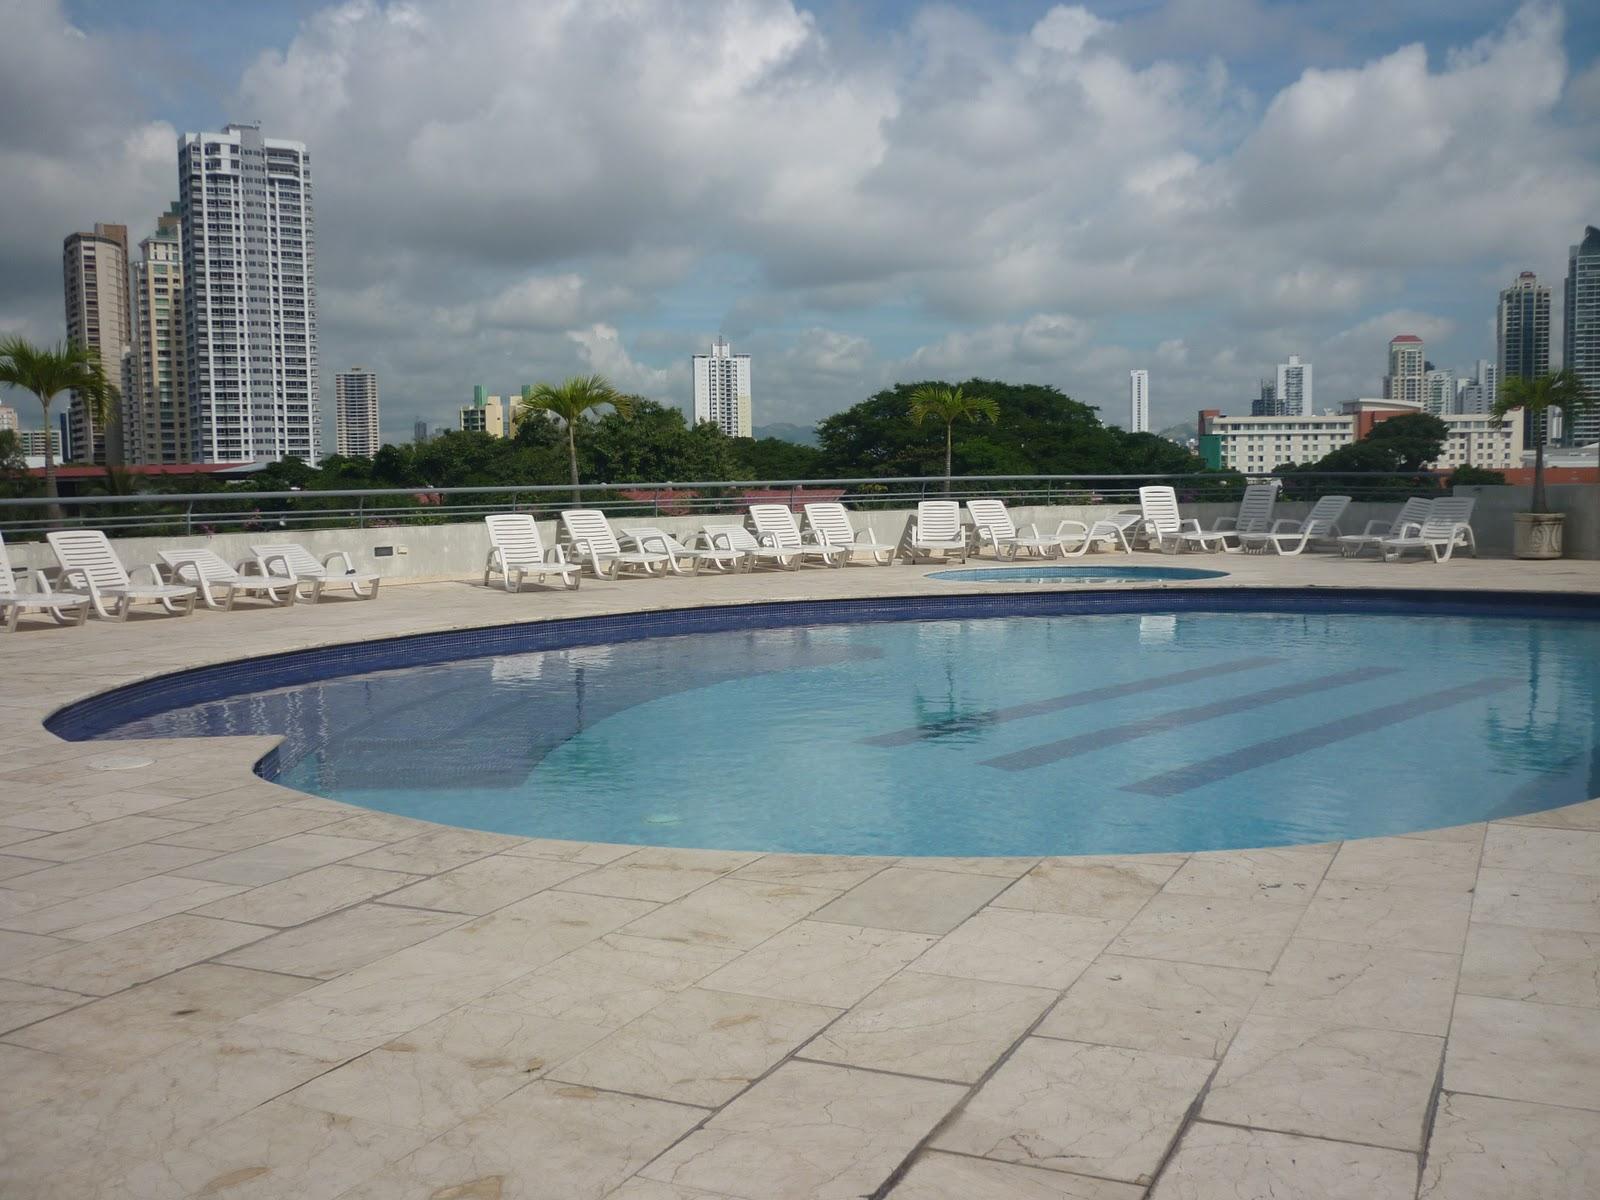 Apartamento panama fotos piscina gimnasio y zona de juegos for Gimnasio y piscina